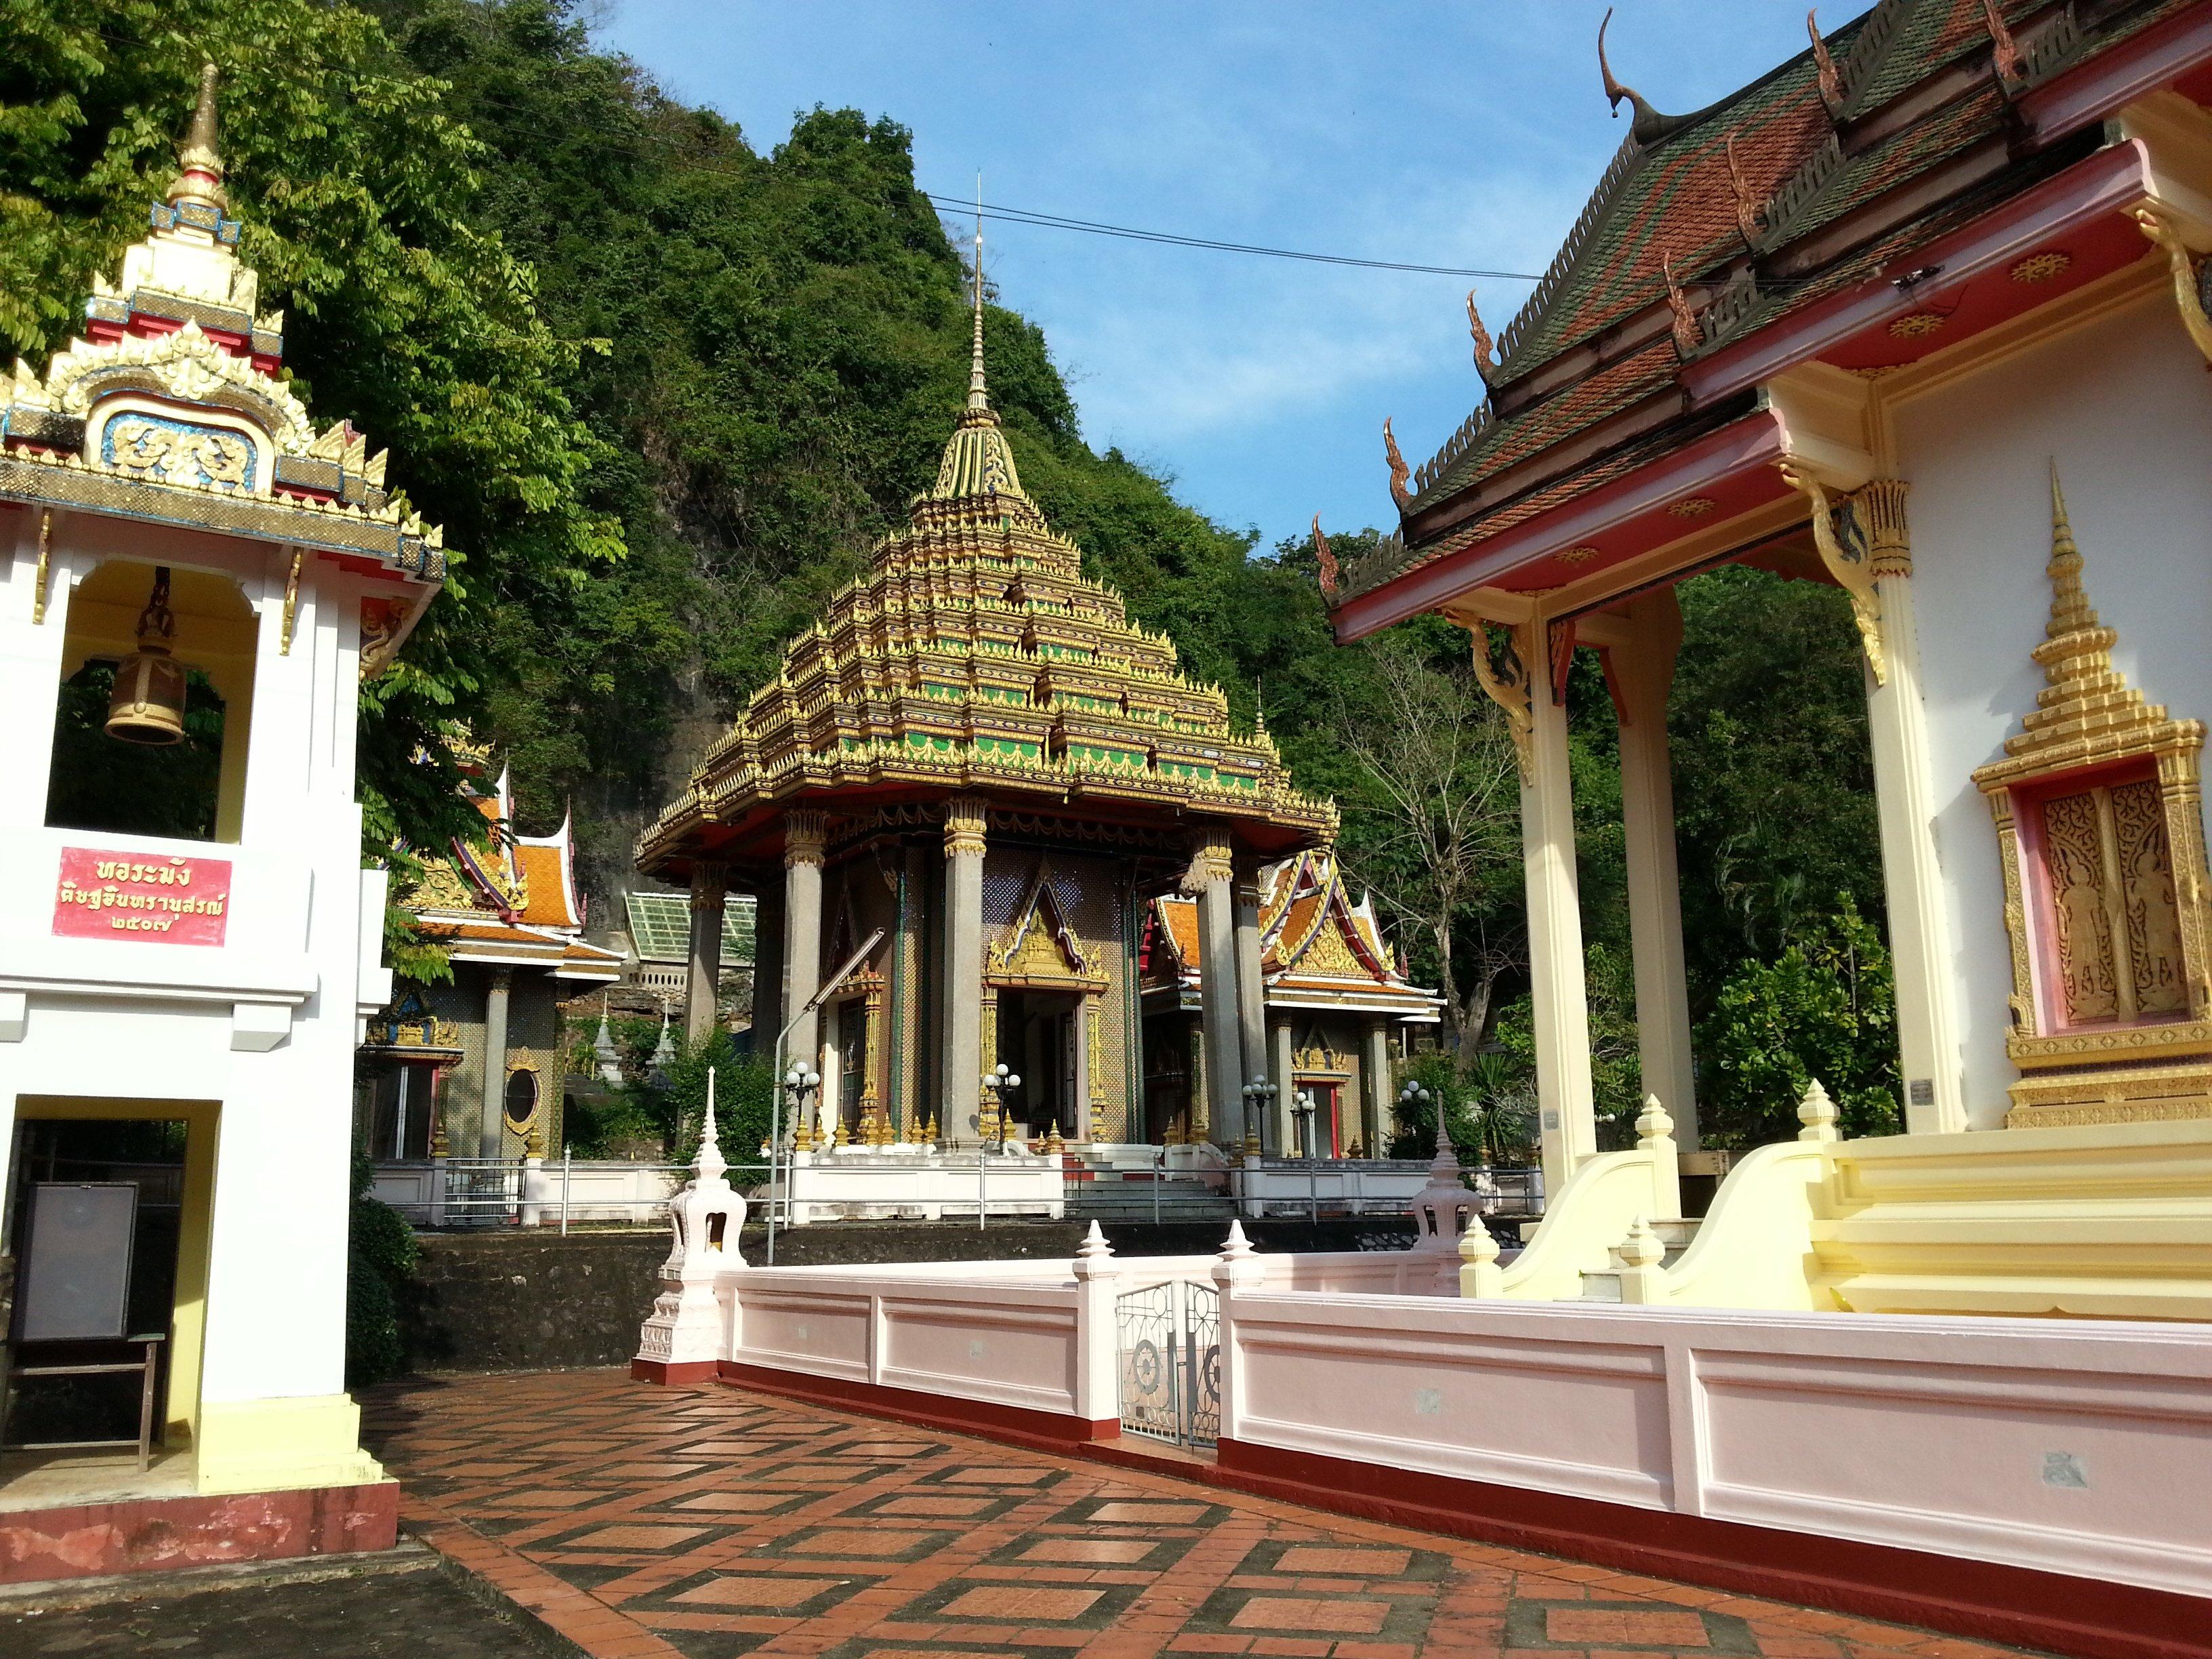 Wat Khuha Sawan in Phatthalung